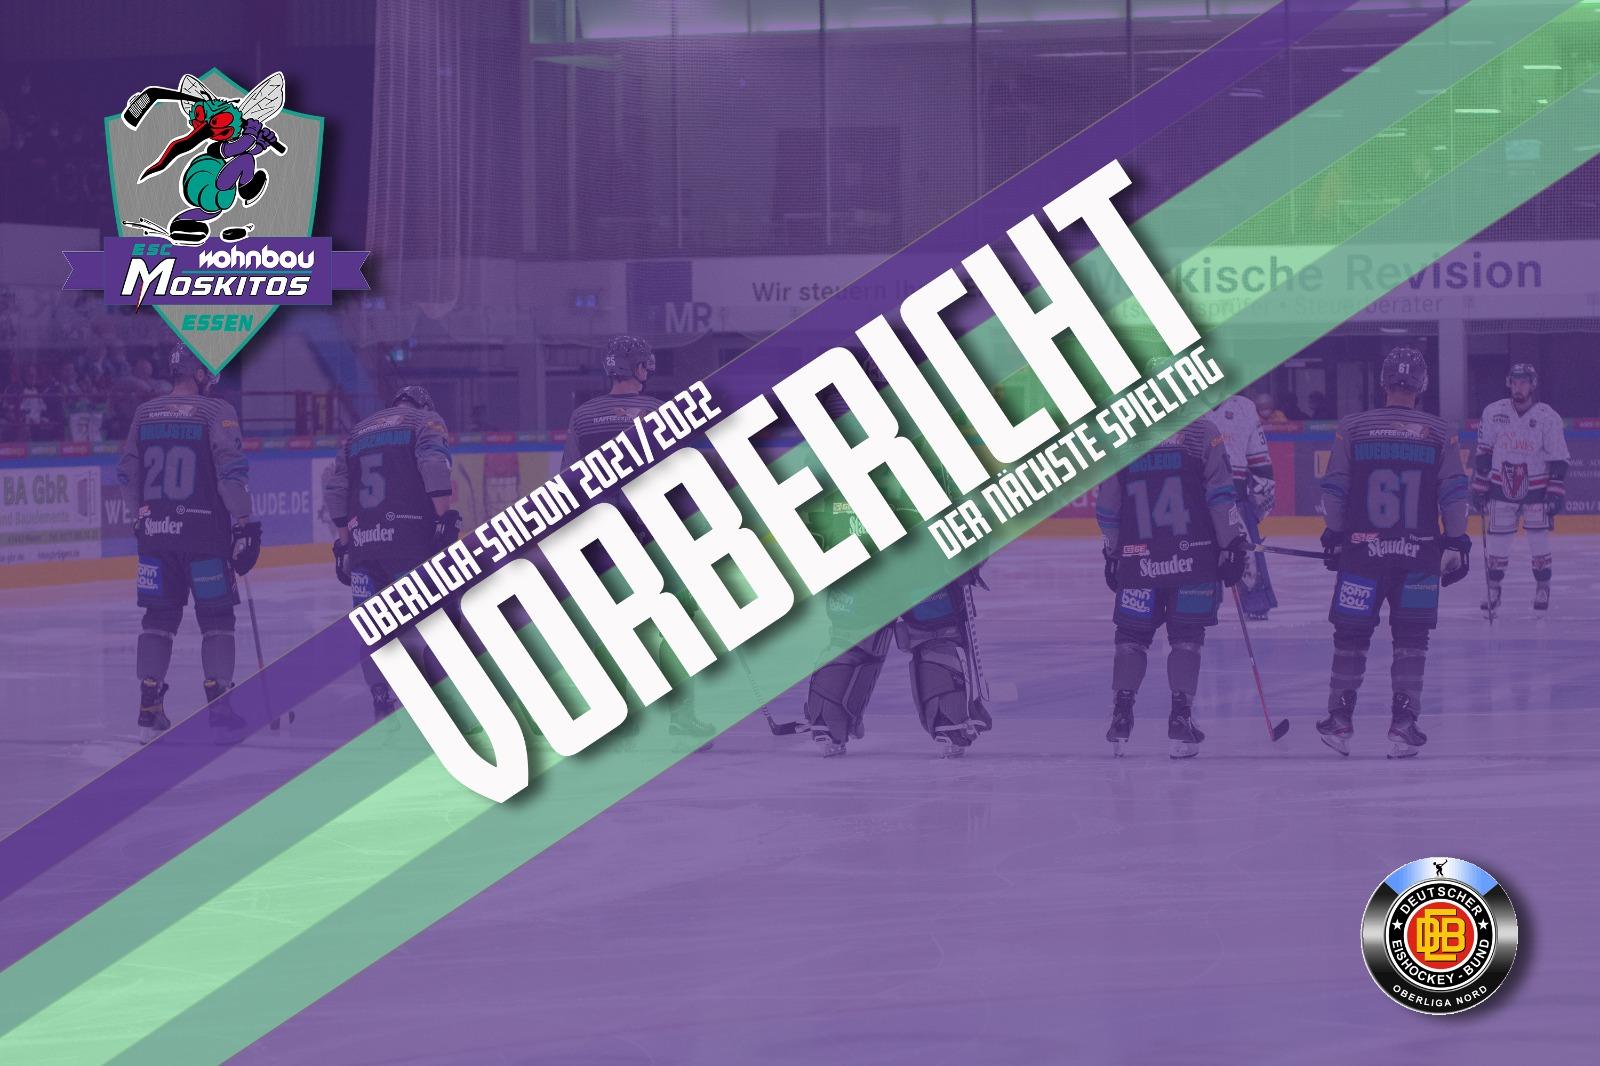 Die Saison 2021/22 beginnt! Erstes Spiel am Sonntag in Halle!